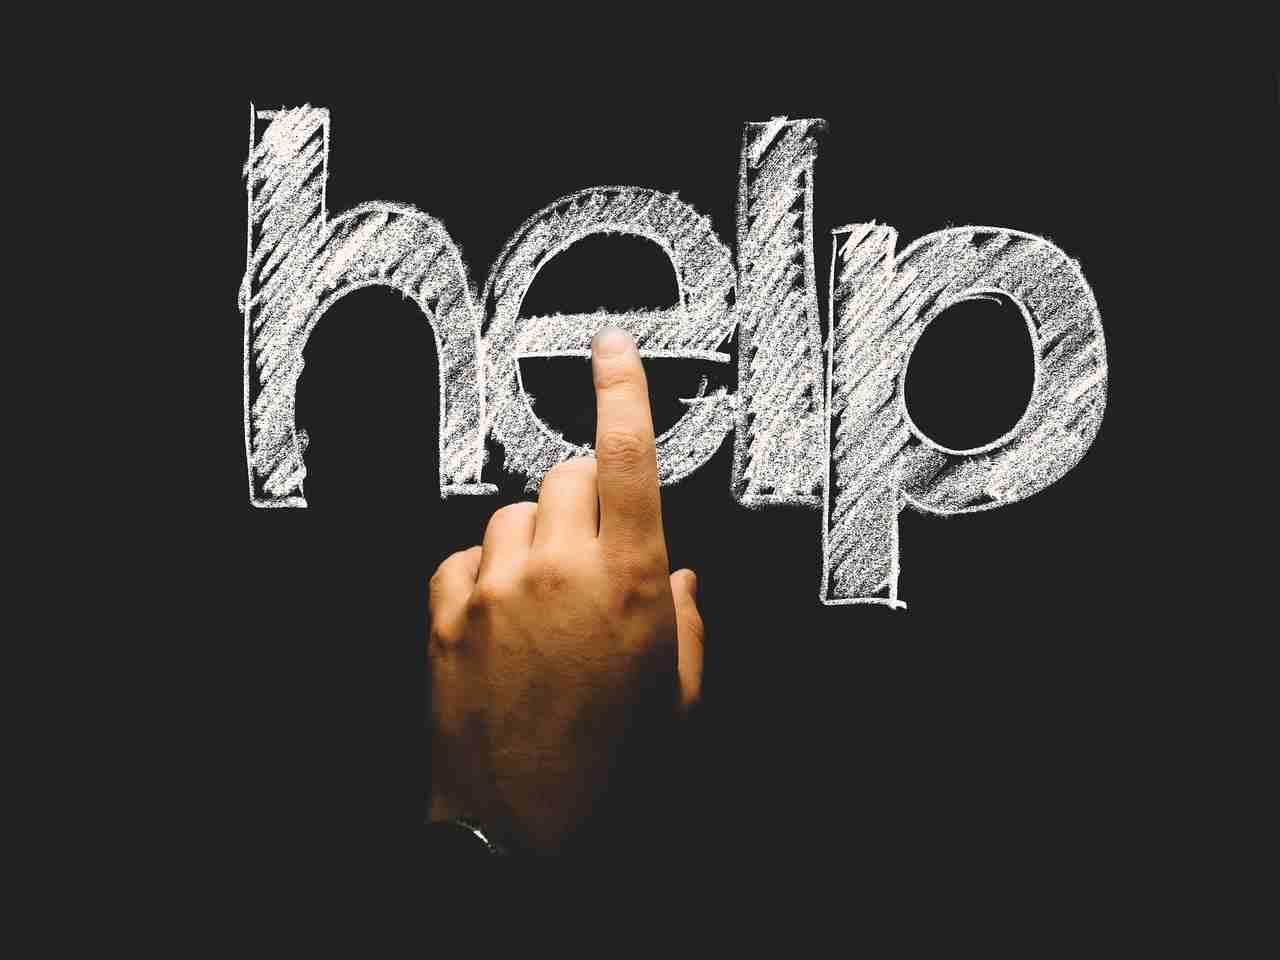 Kiedy studenci szukają pomocy w pisaniu prac magisterskich i licencjackich?